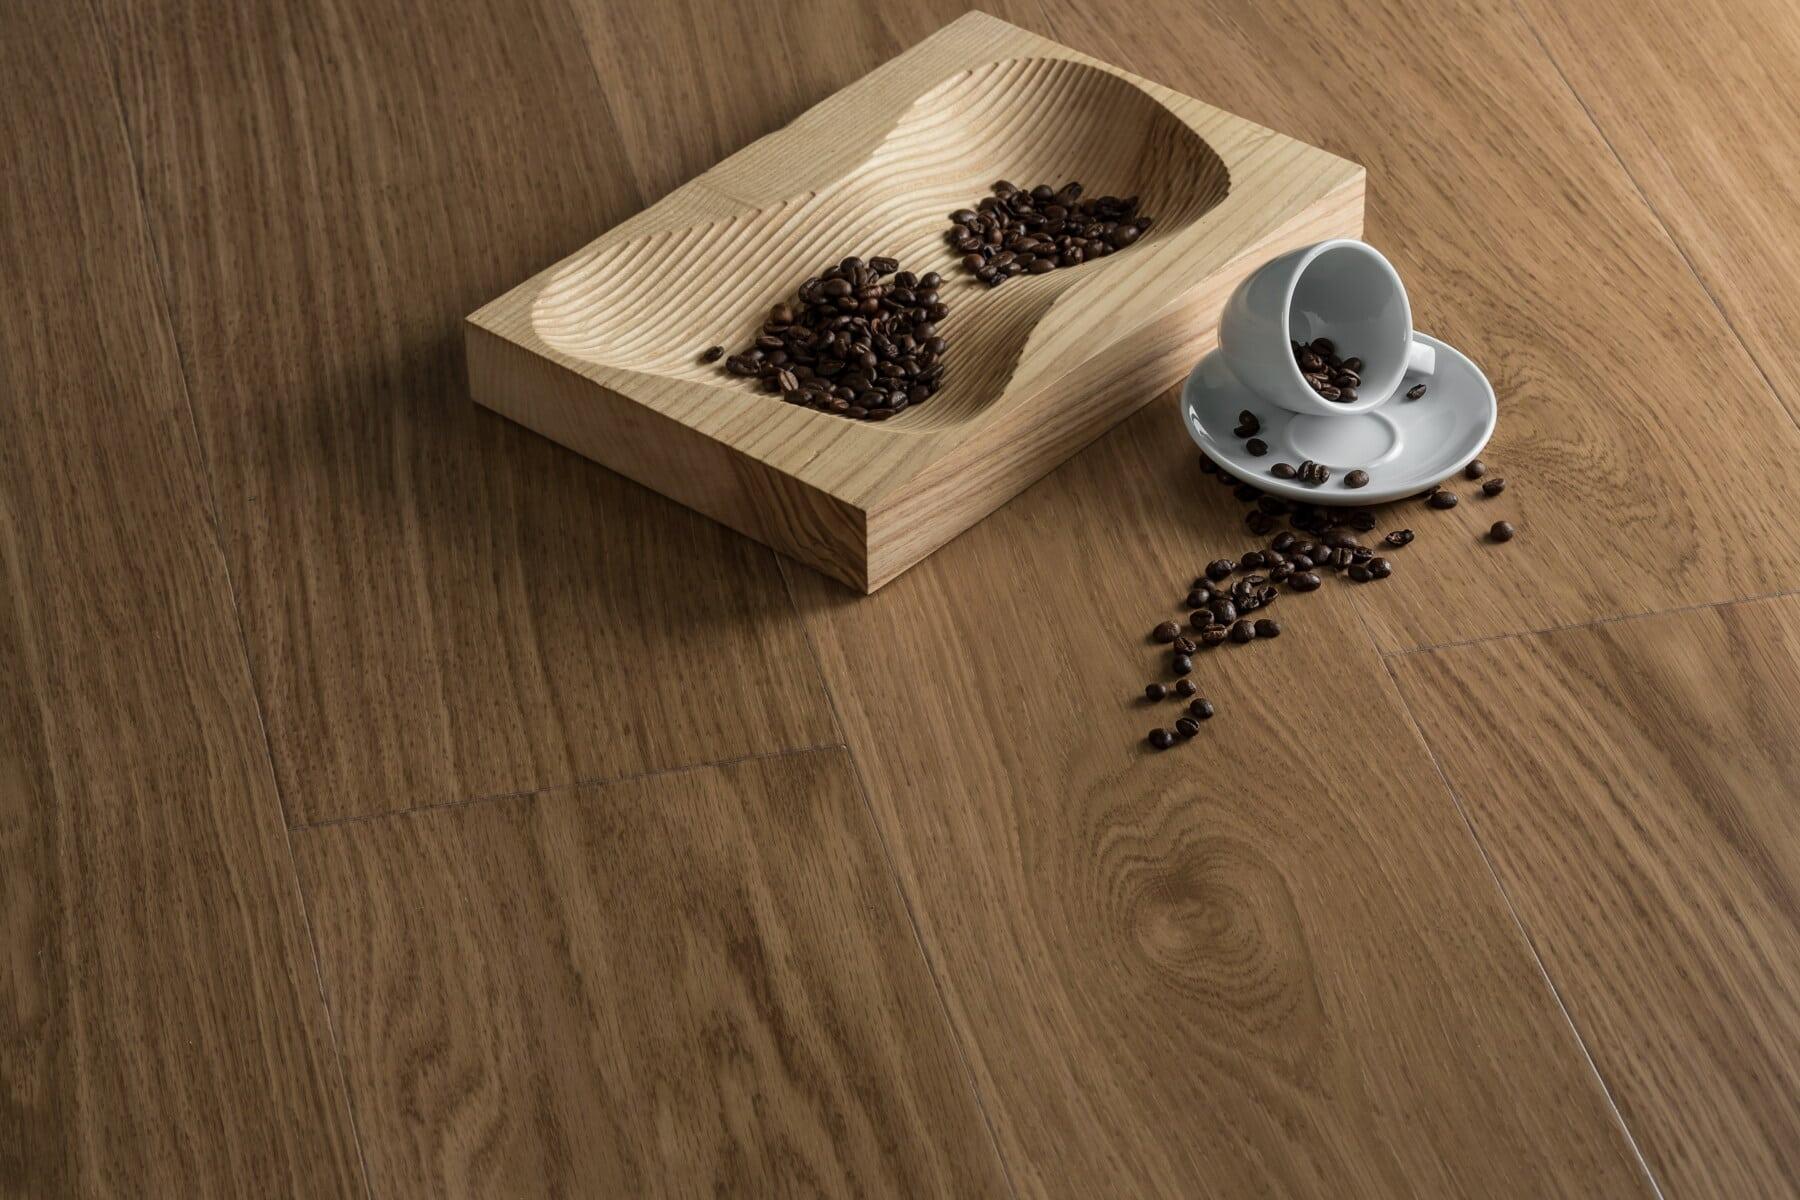 aromatični, kofein, sjeme, tamno, kava, pečena, šalicu za kavu, drvo, drveni, retro